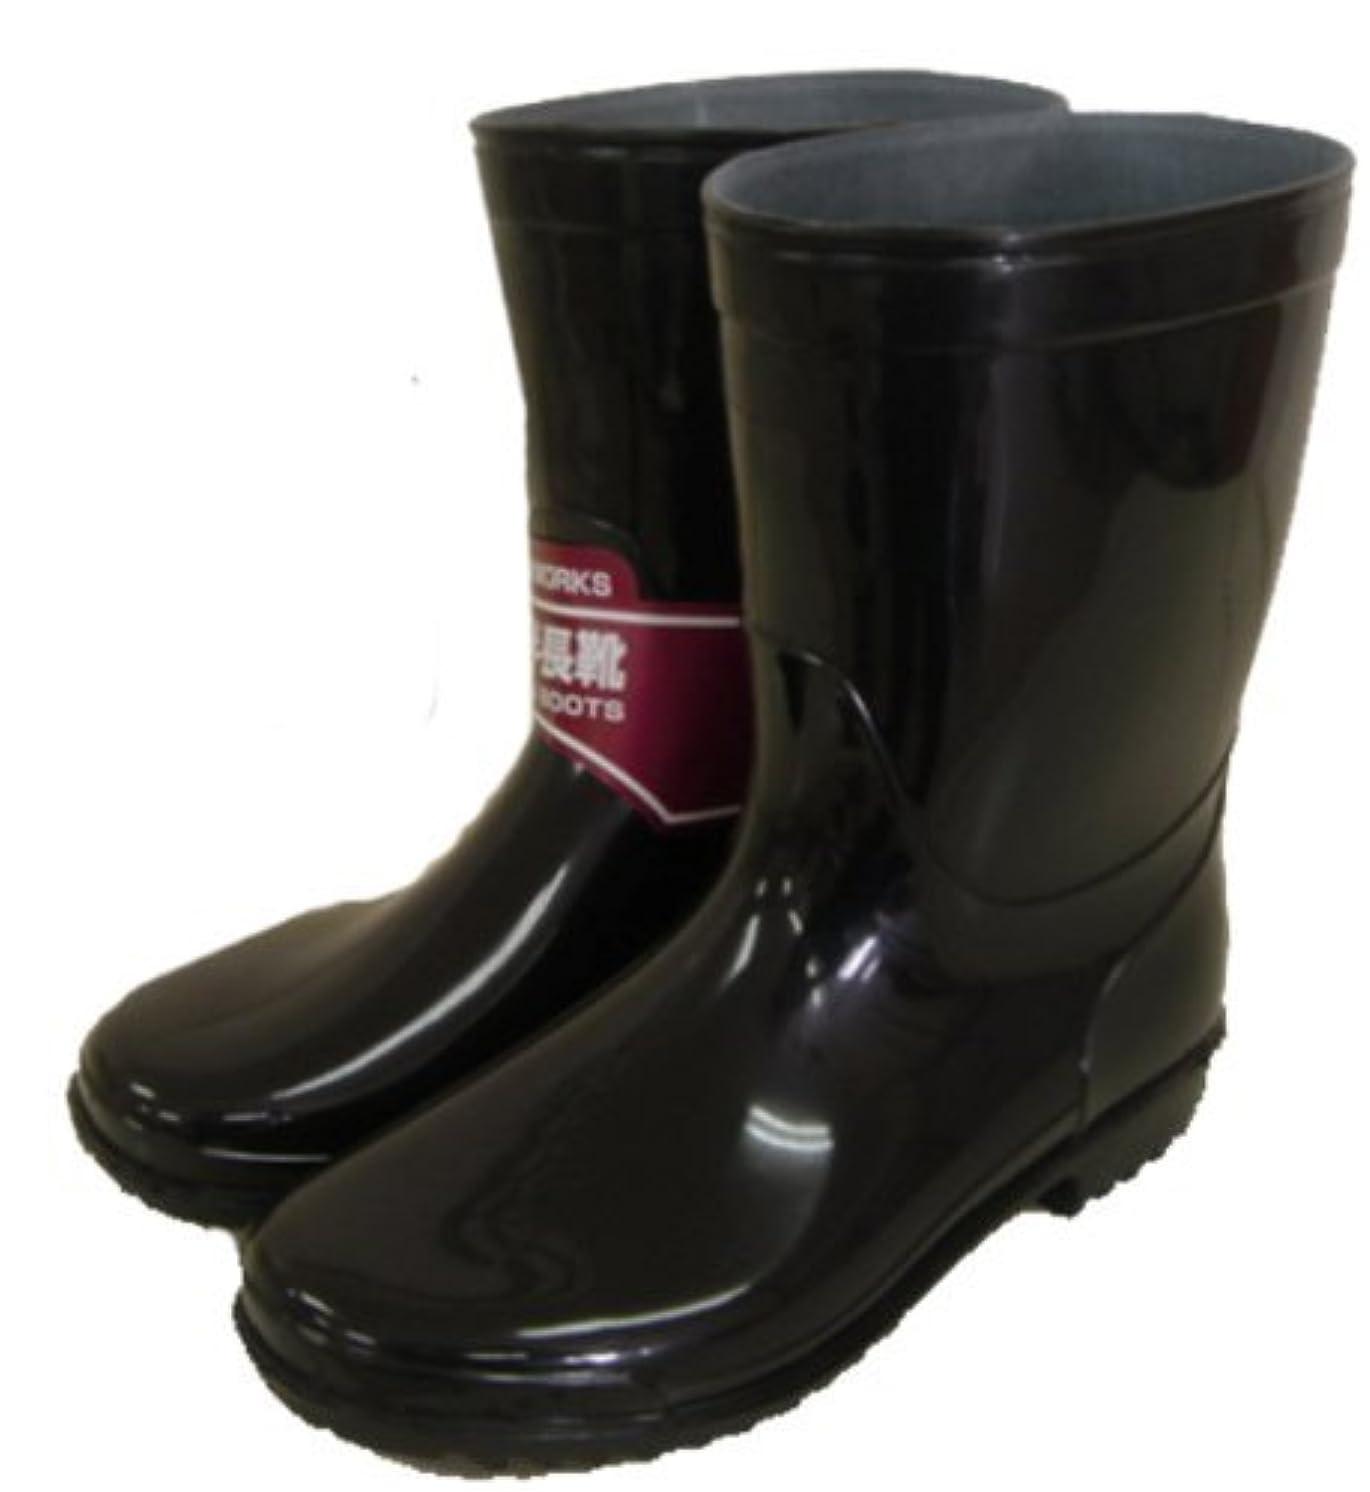 観客フラップ冗談で作業半長靴(PVC) 26.0cm ブラック WW-724-260 リーズナブルな作業長靴が登場!